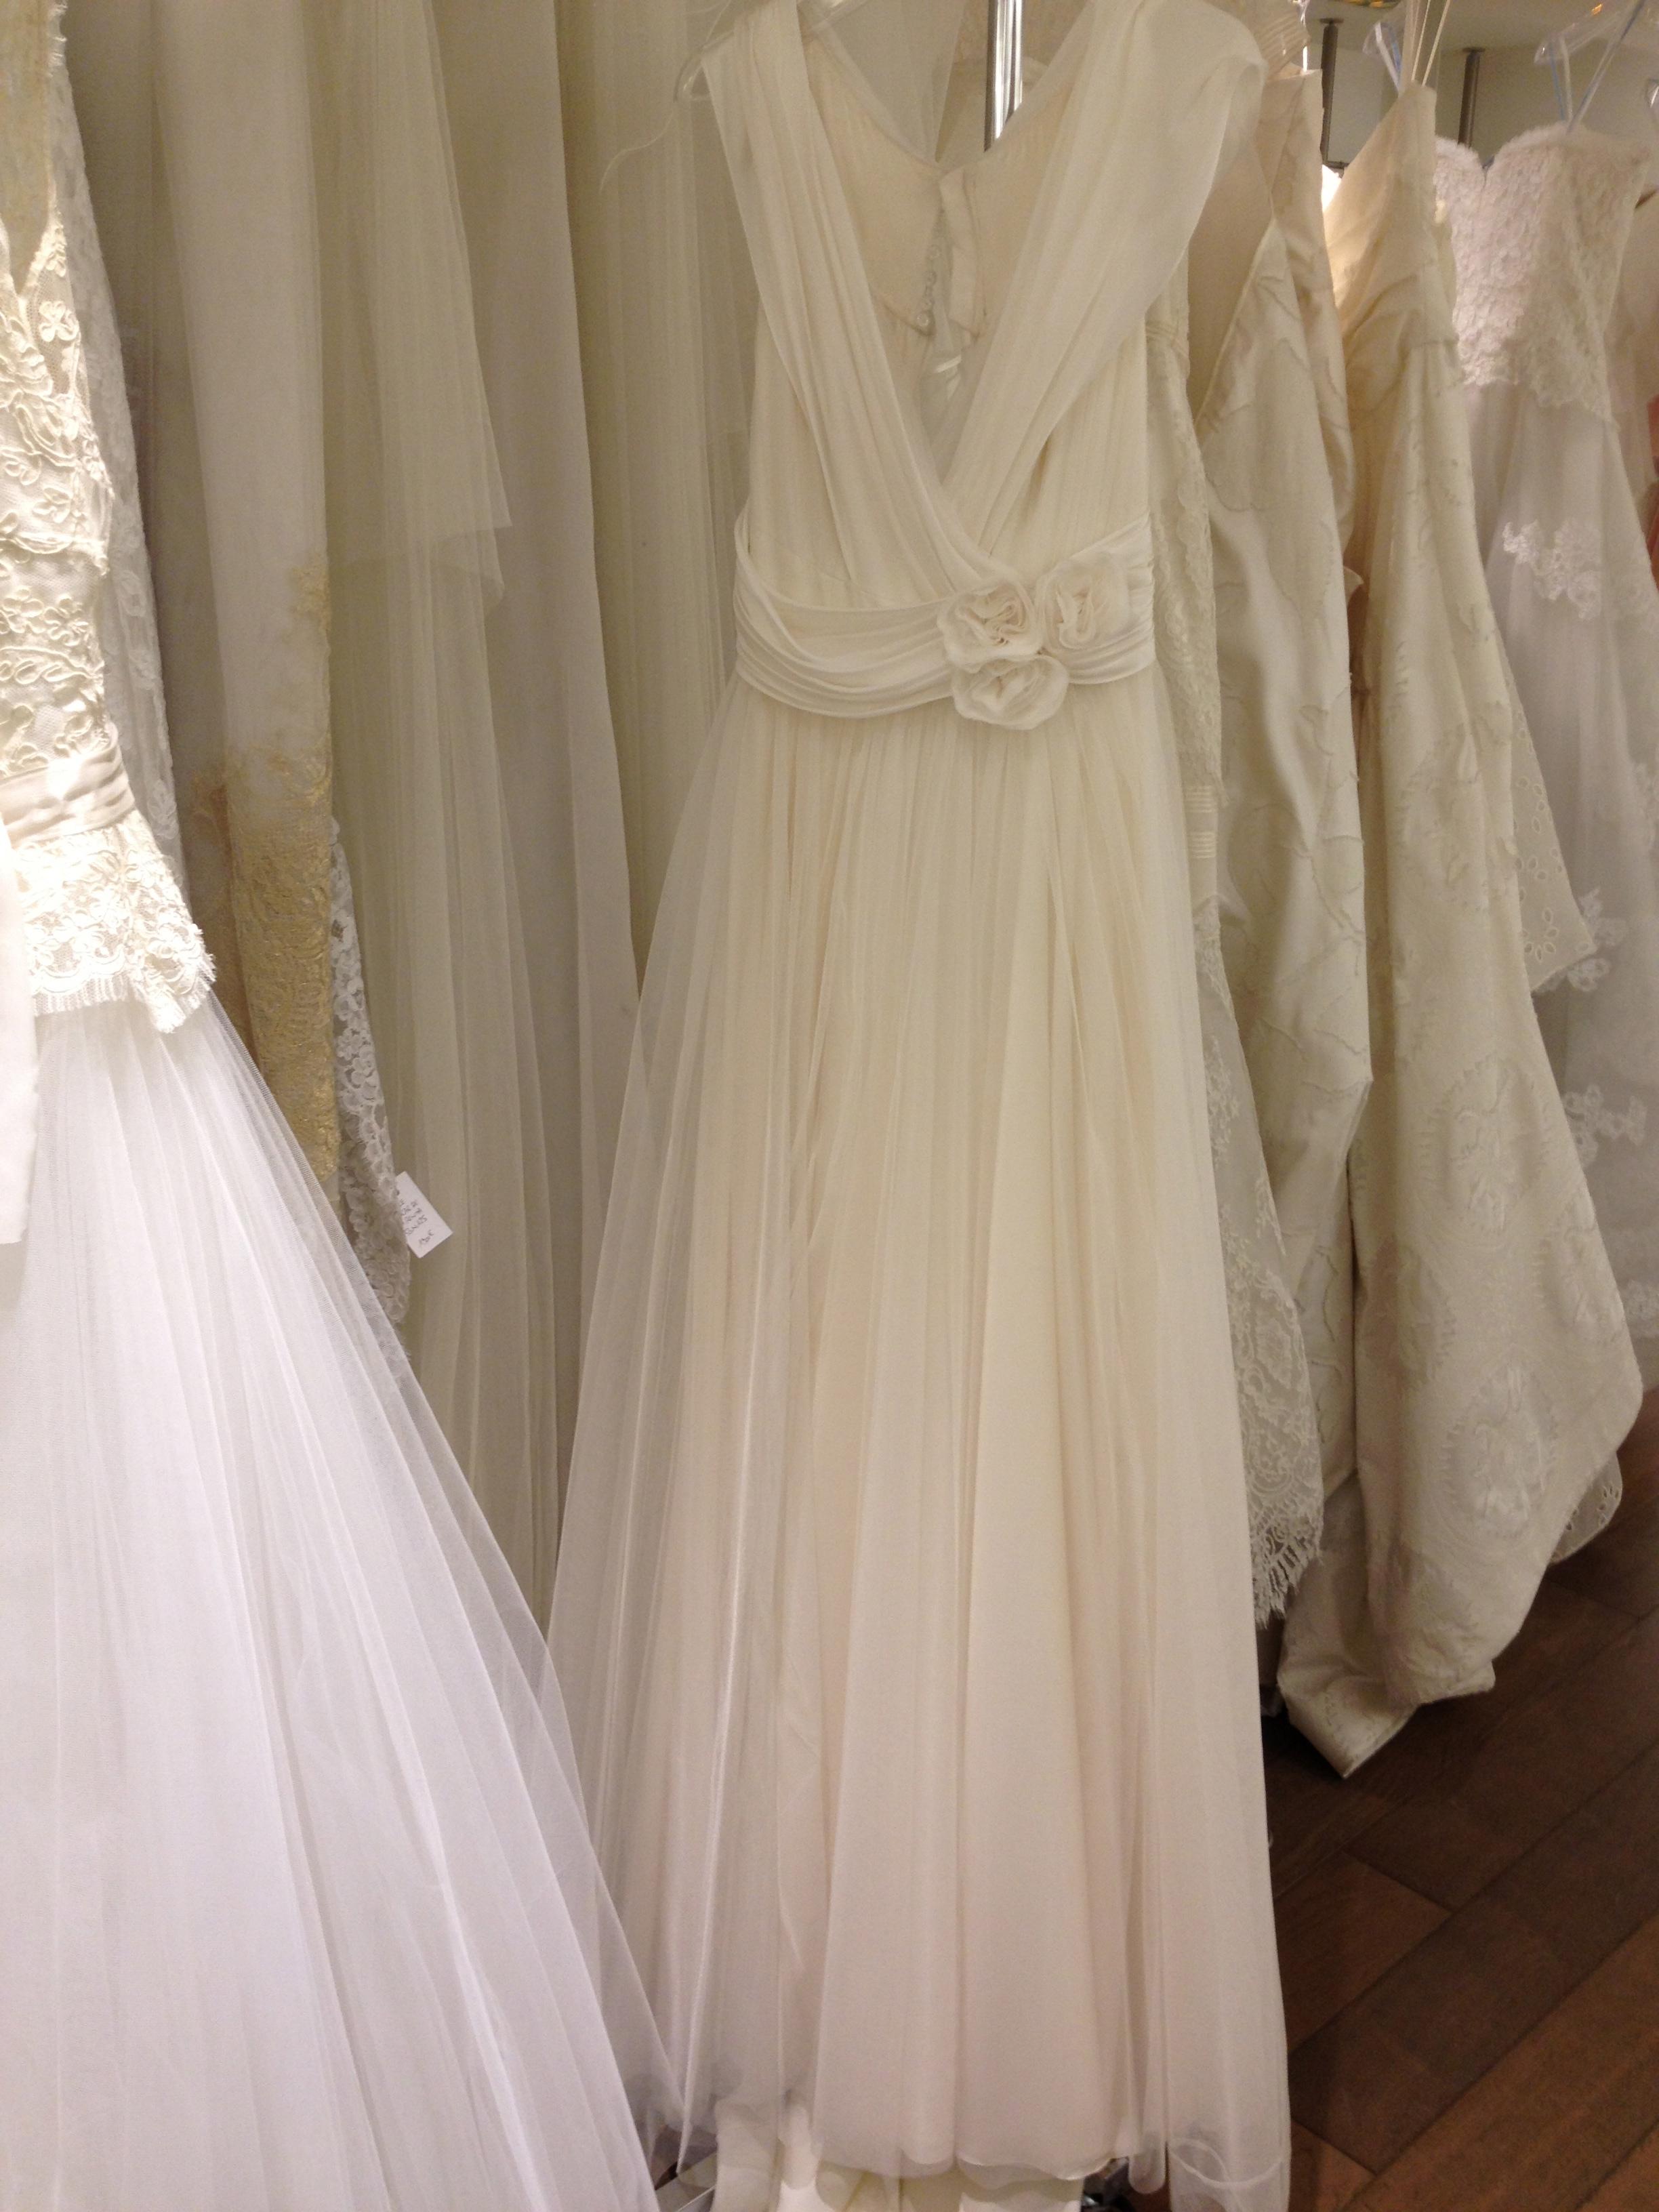 essayages robes pronovias Récit de mes essayages de robes de mariée chez pronovias le moment le plus marquant et émouvant étant bien évidement l'arrivée au côté de mon futur mari.